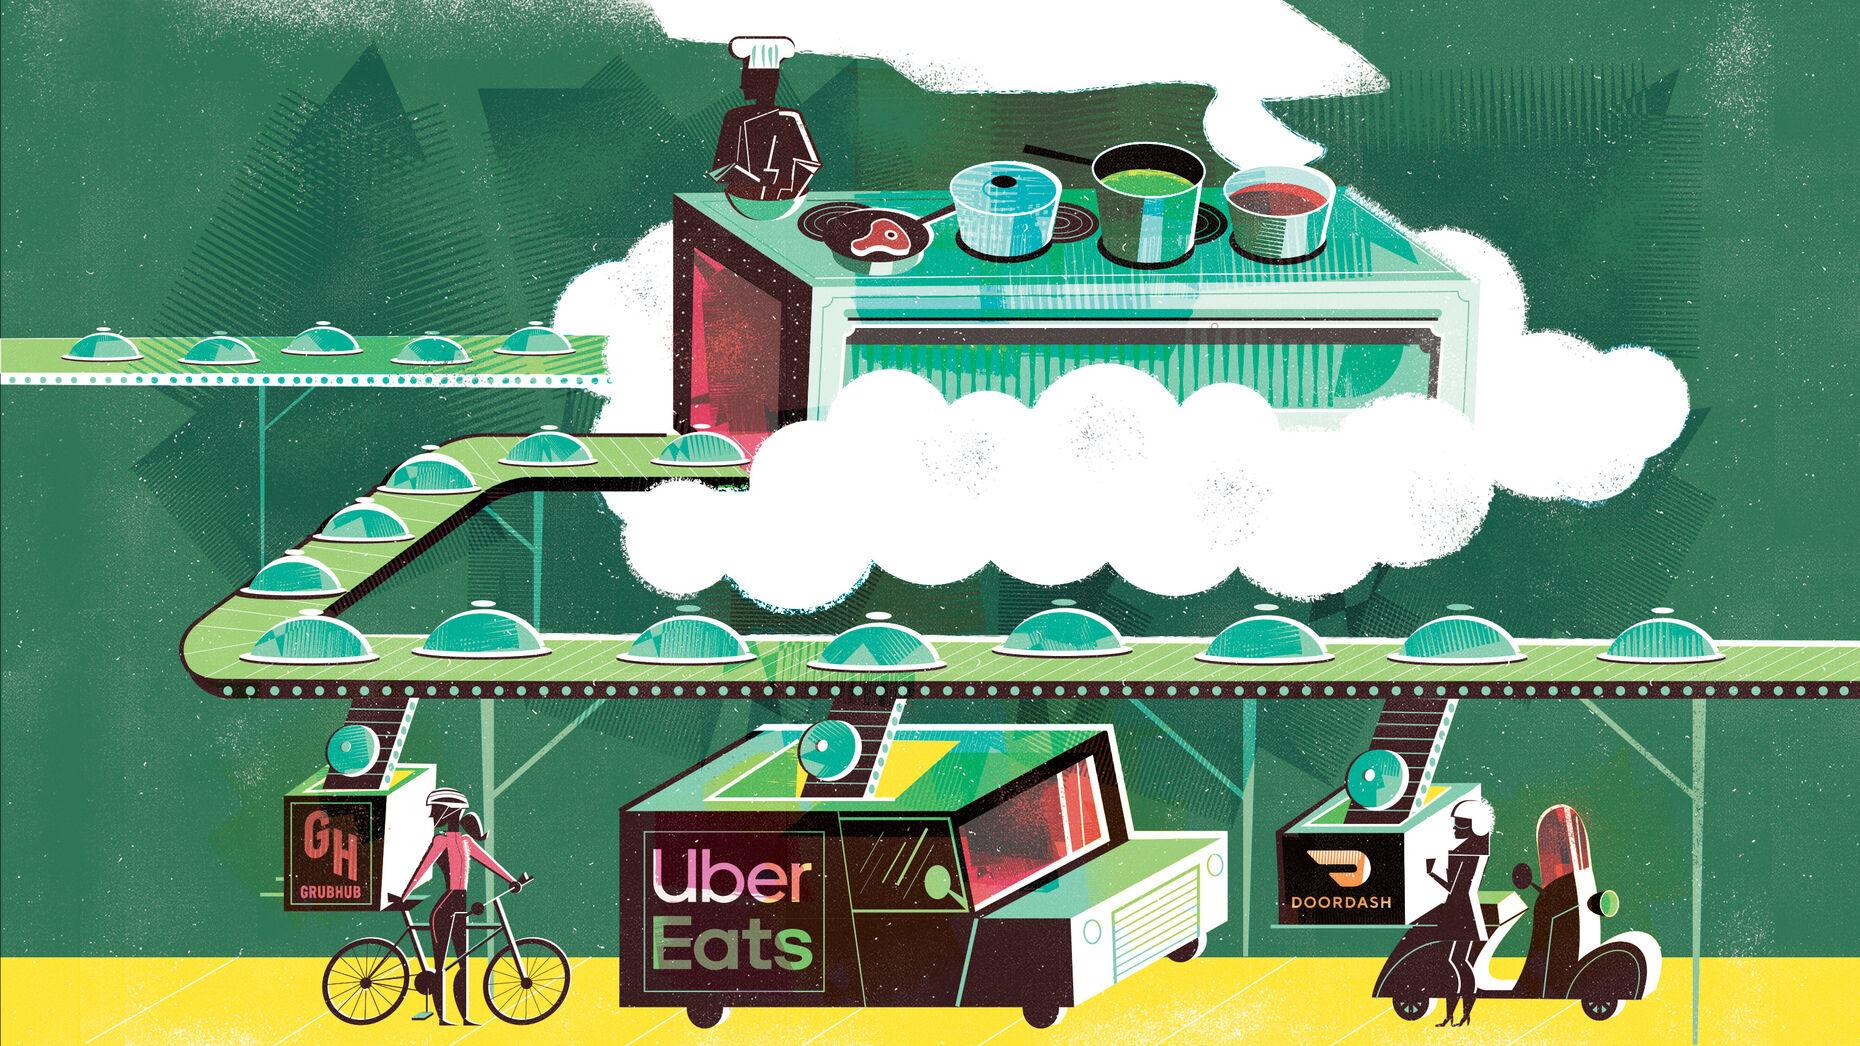 Illustration by Scotty Reifsnyder